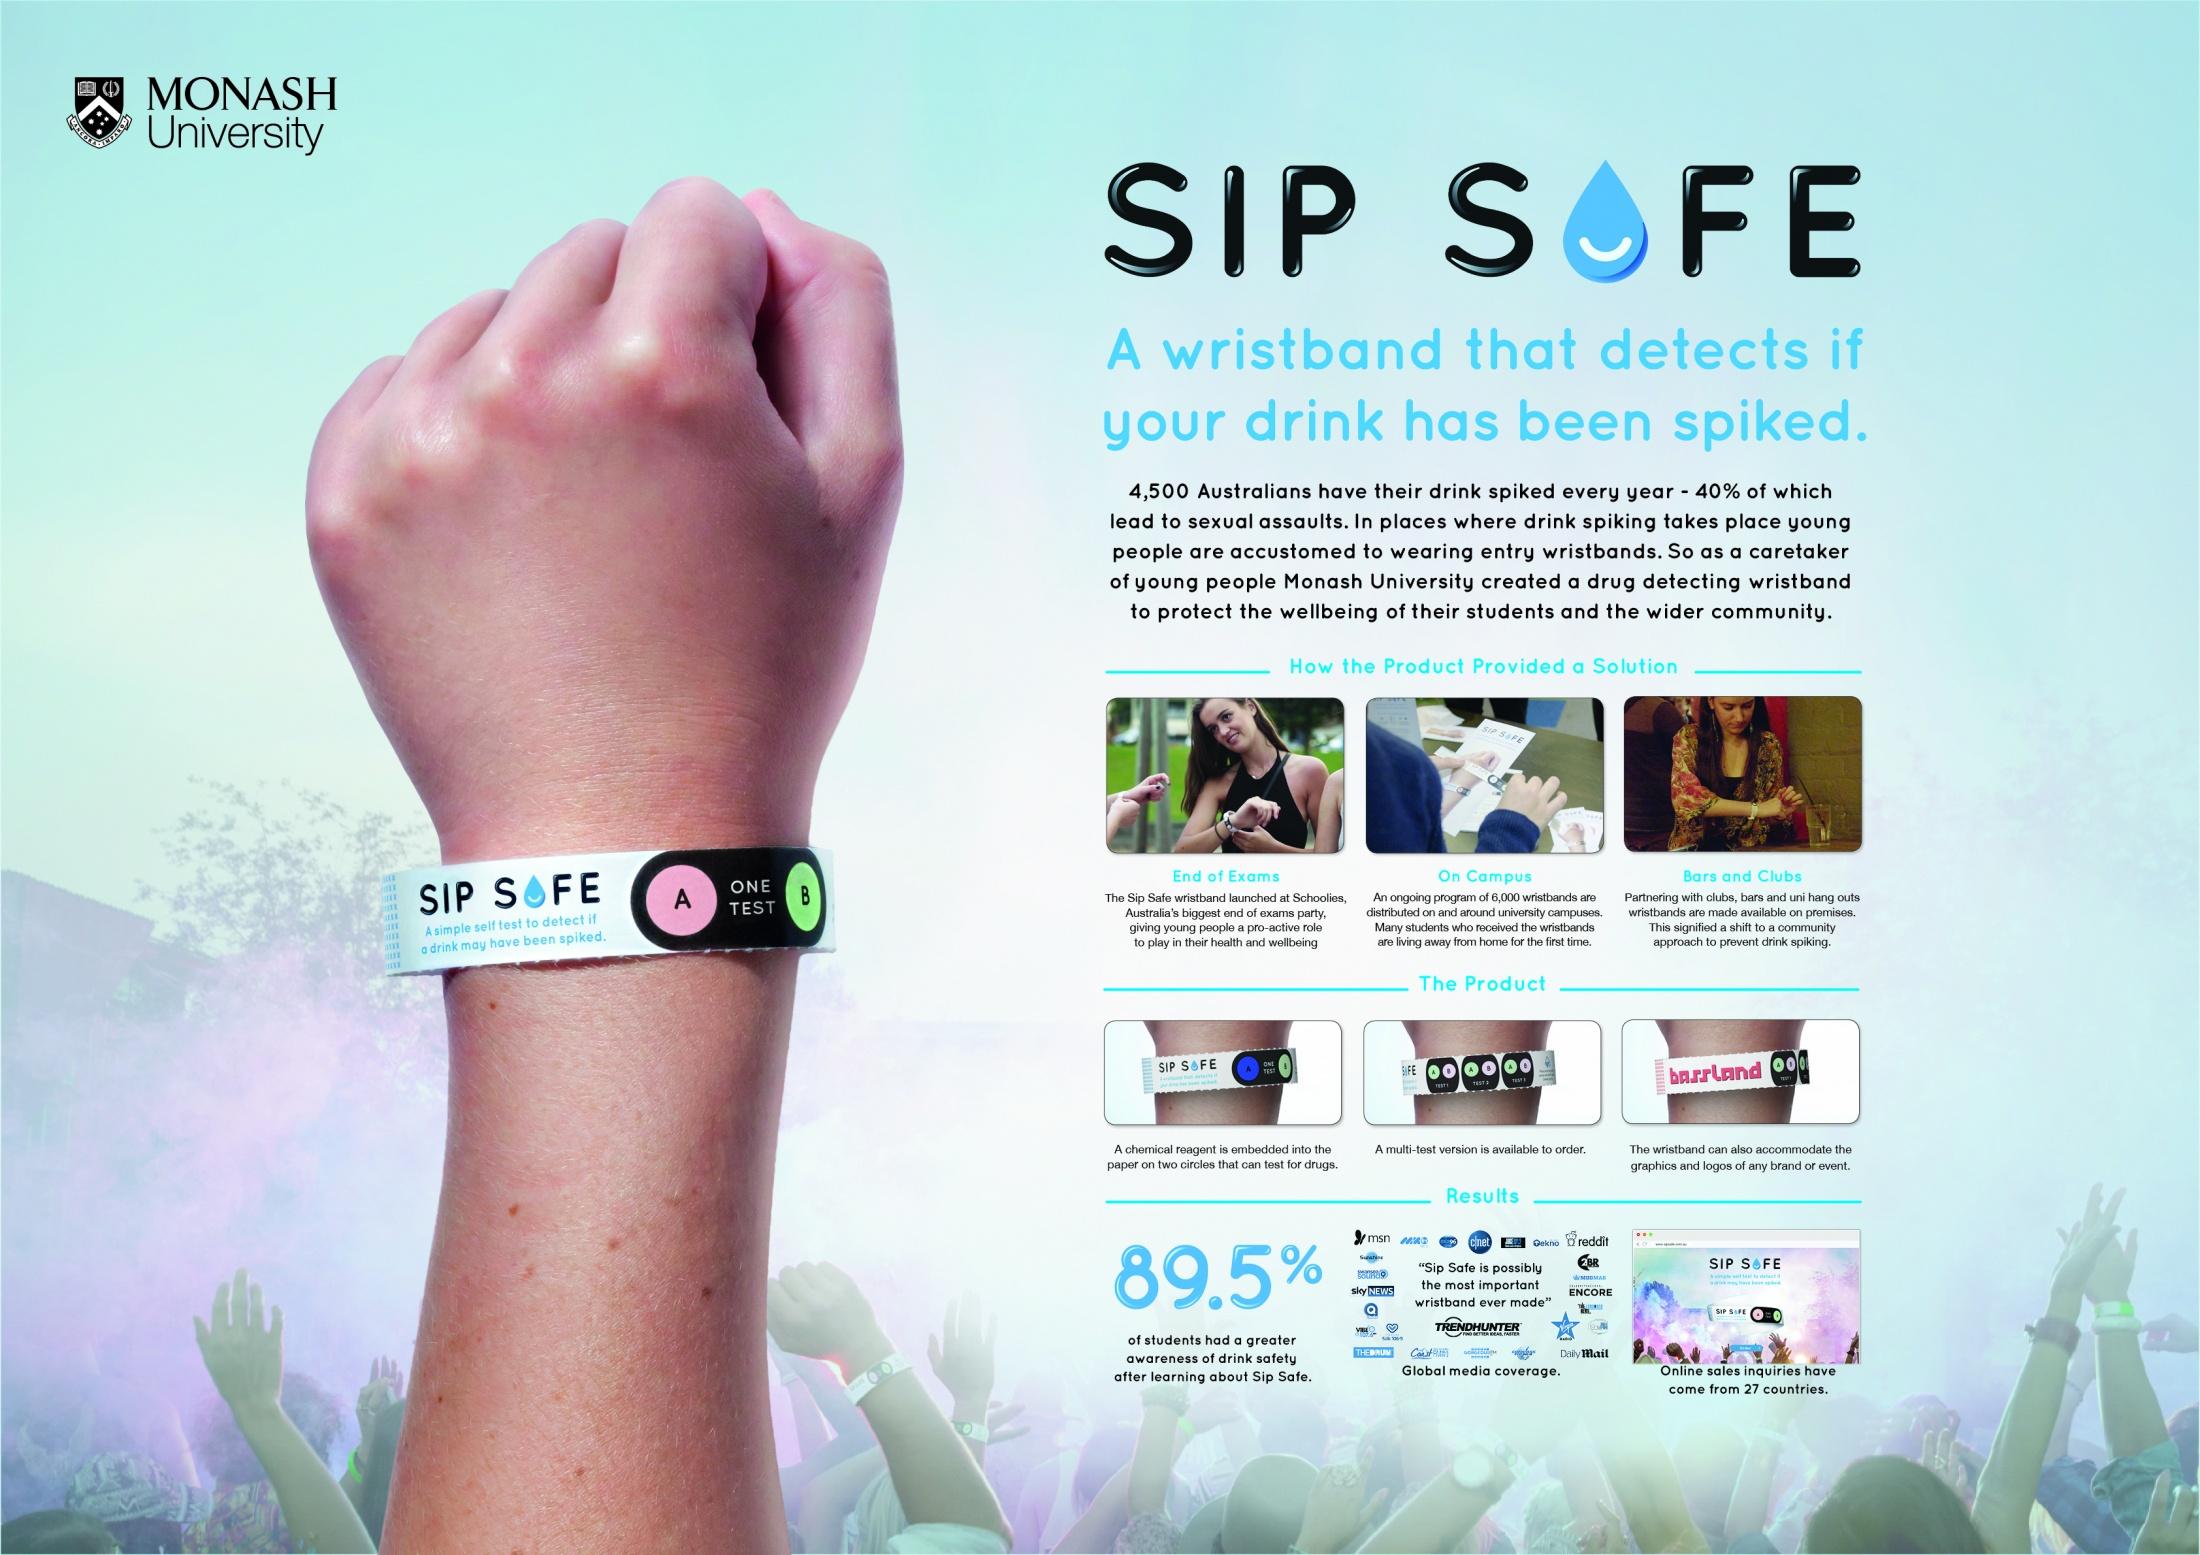 Monash University - Sip Safe | Clios